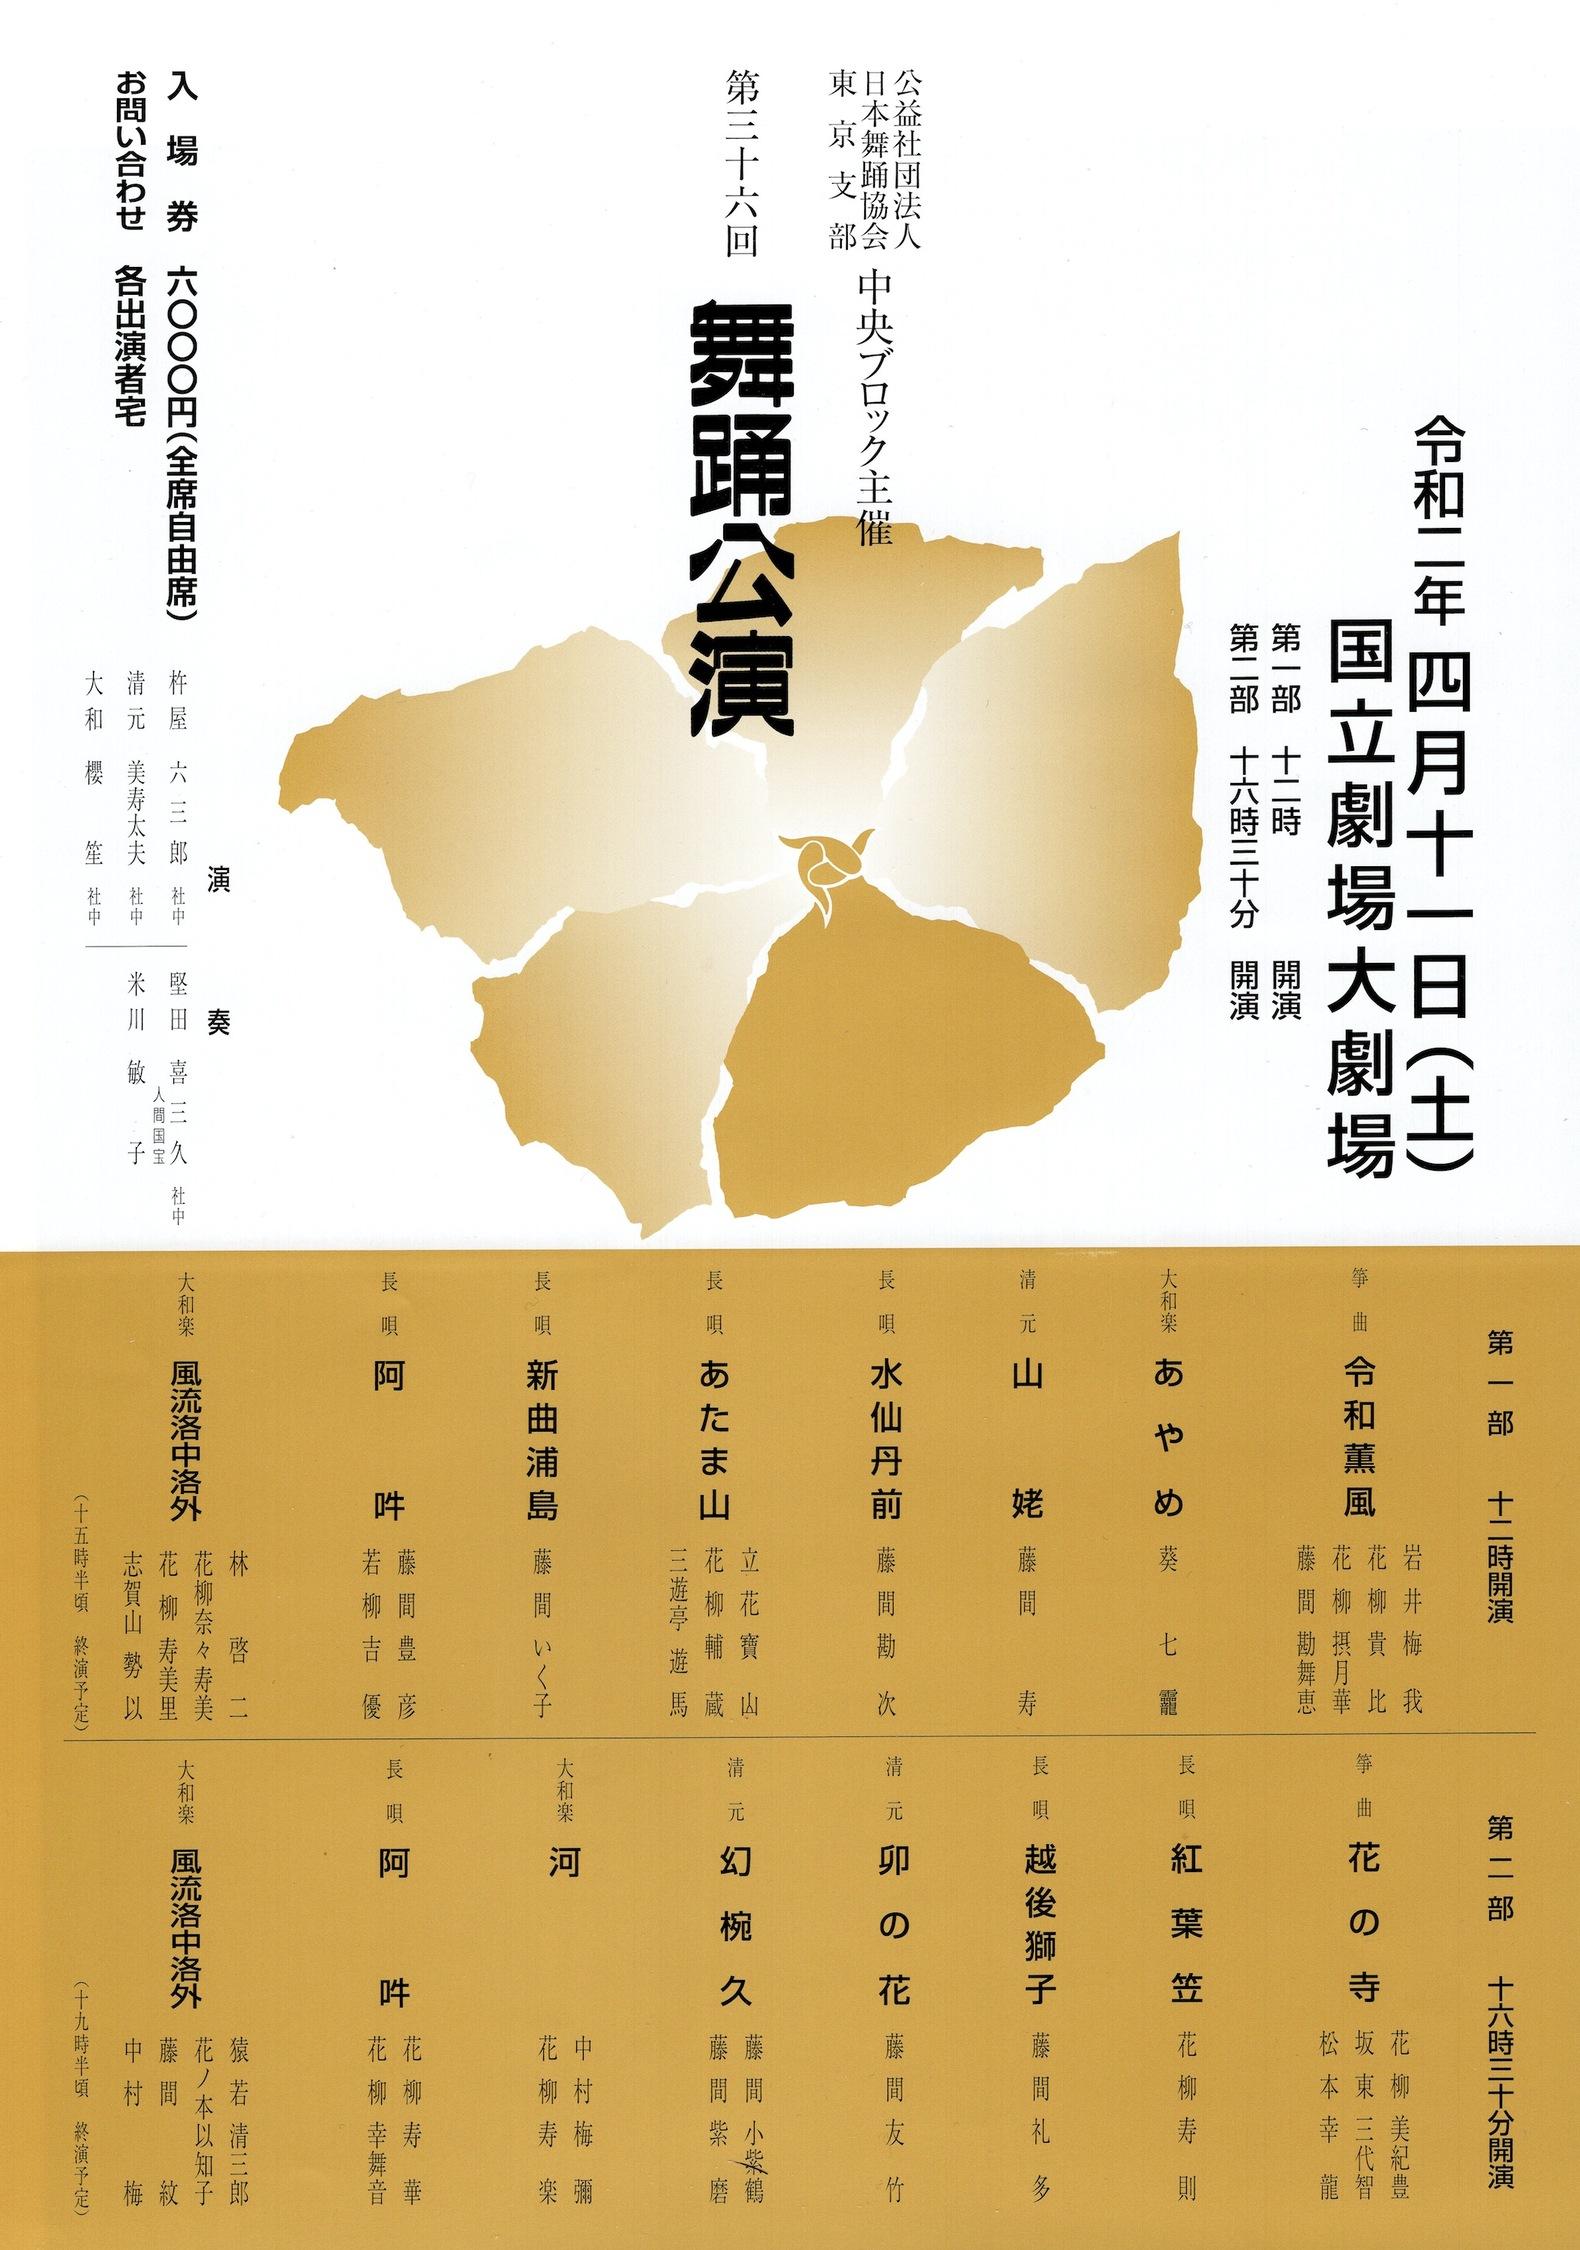 第36回日本舞踊協会中央ブロック舞踊公演ポスター